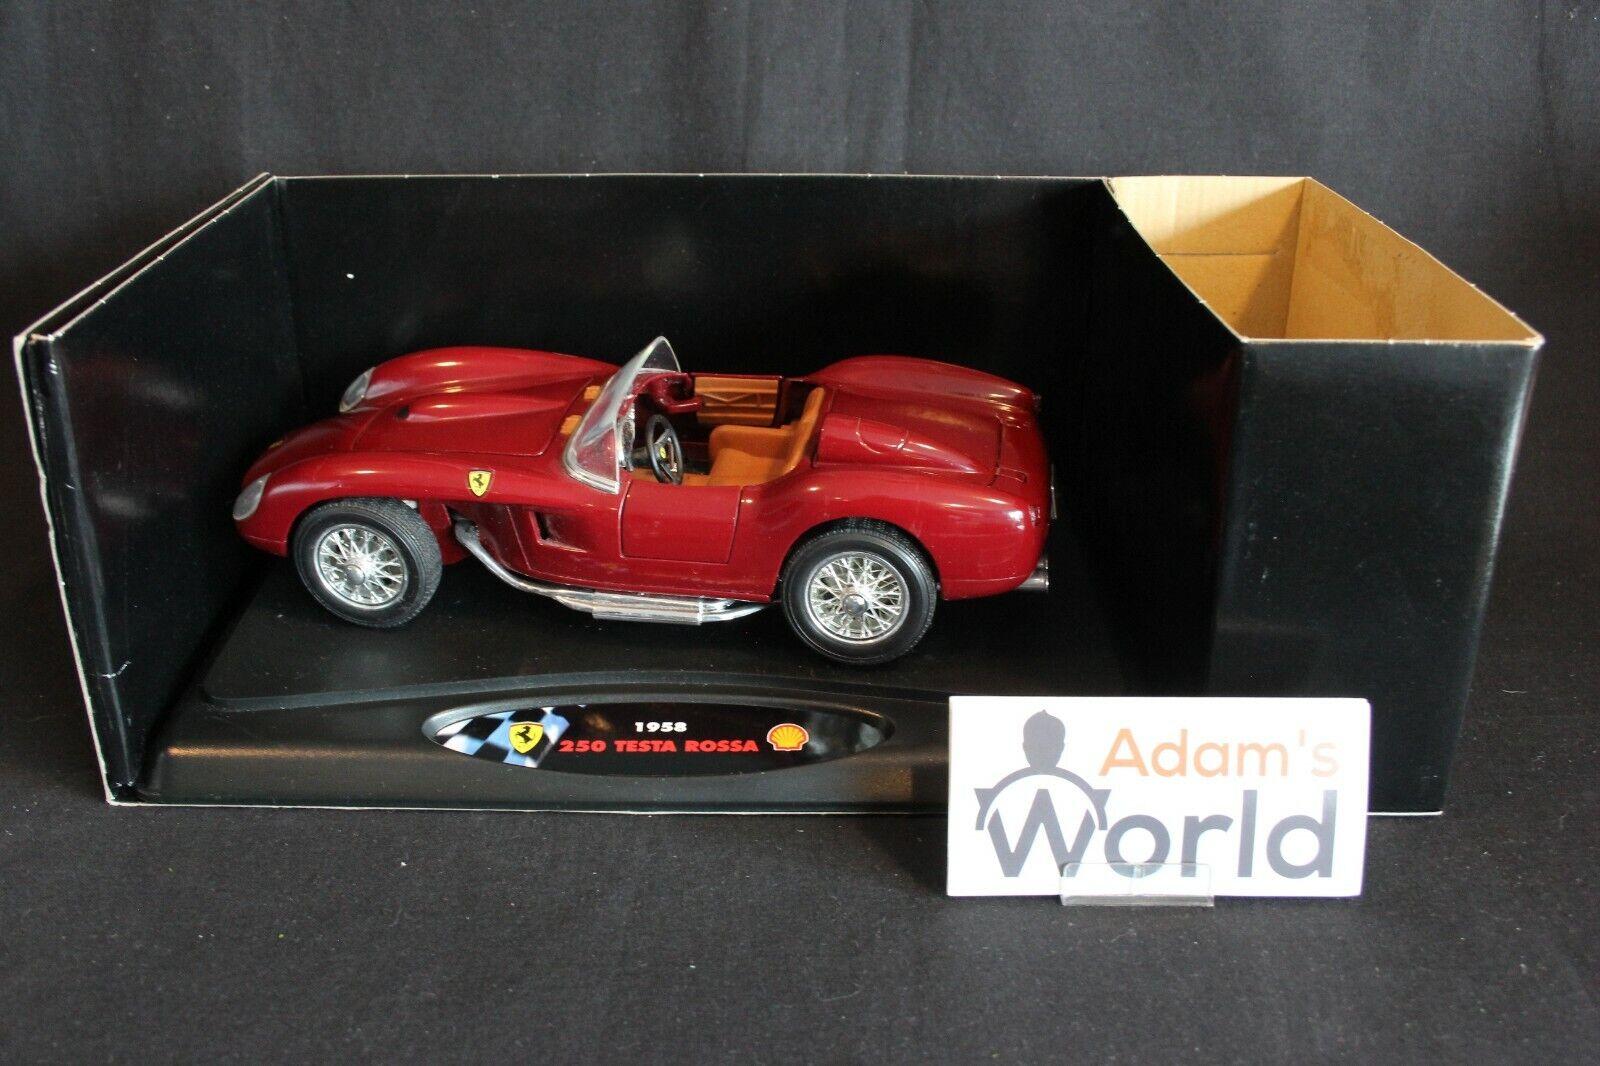 Shell Collezione Classico Ferrari 250 Testarossa 1 18 dark red (PJBB)